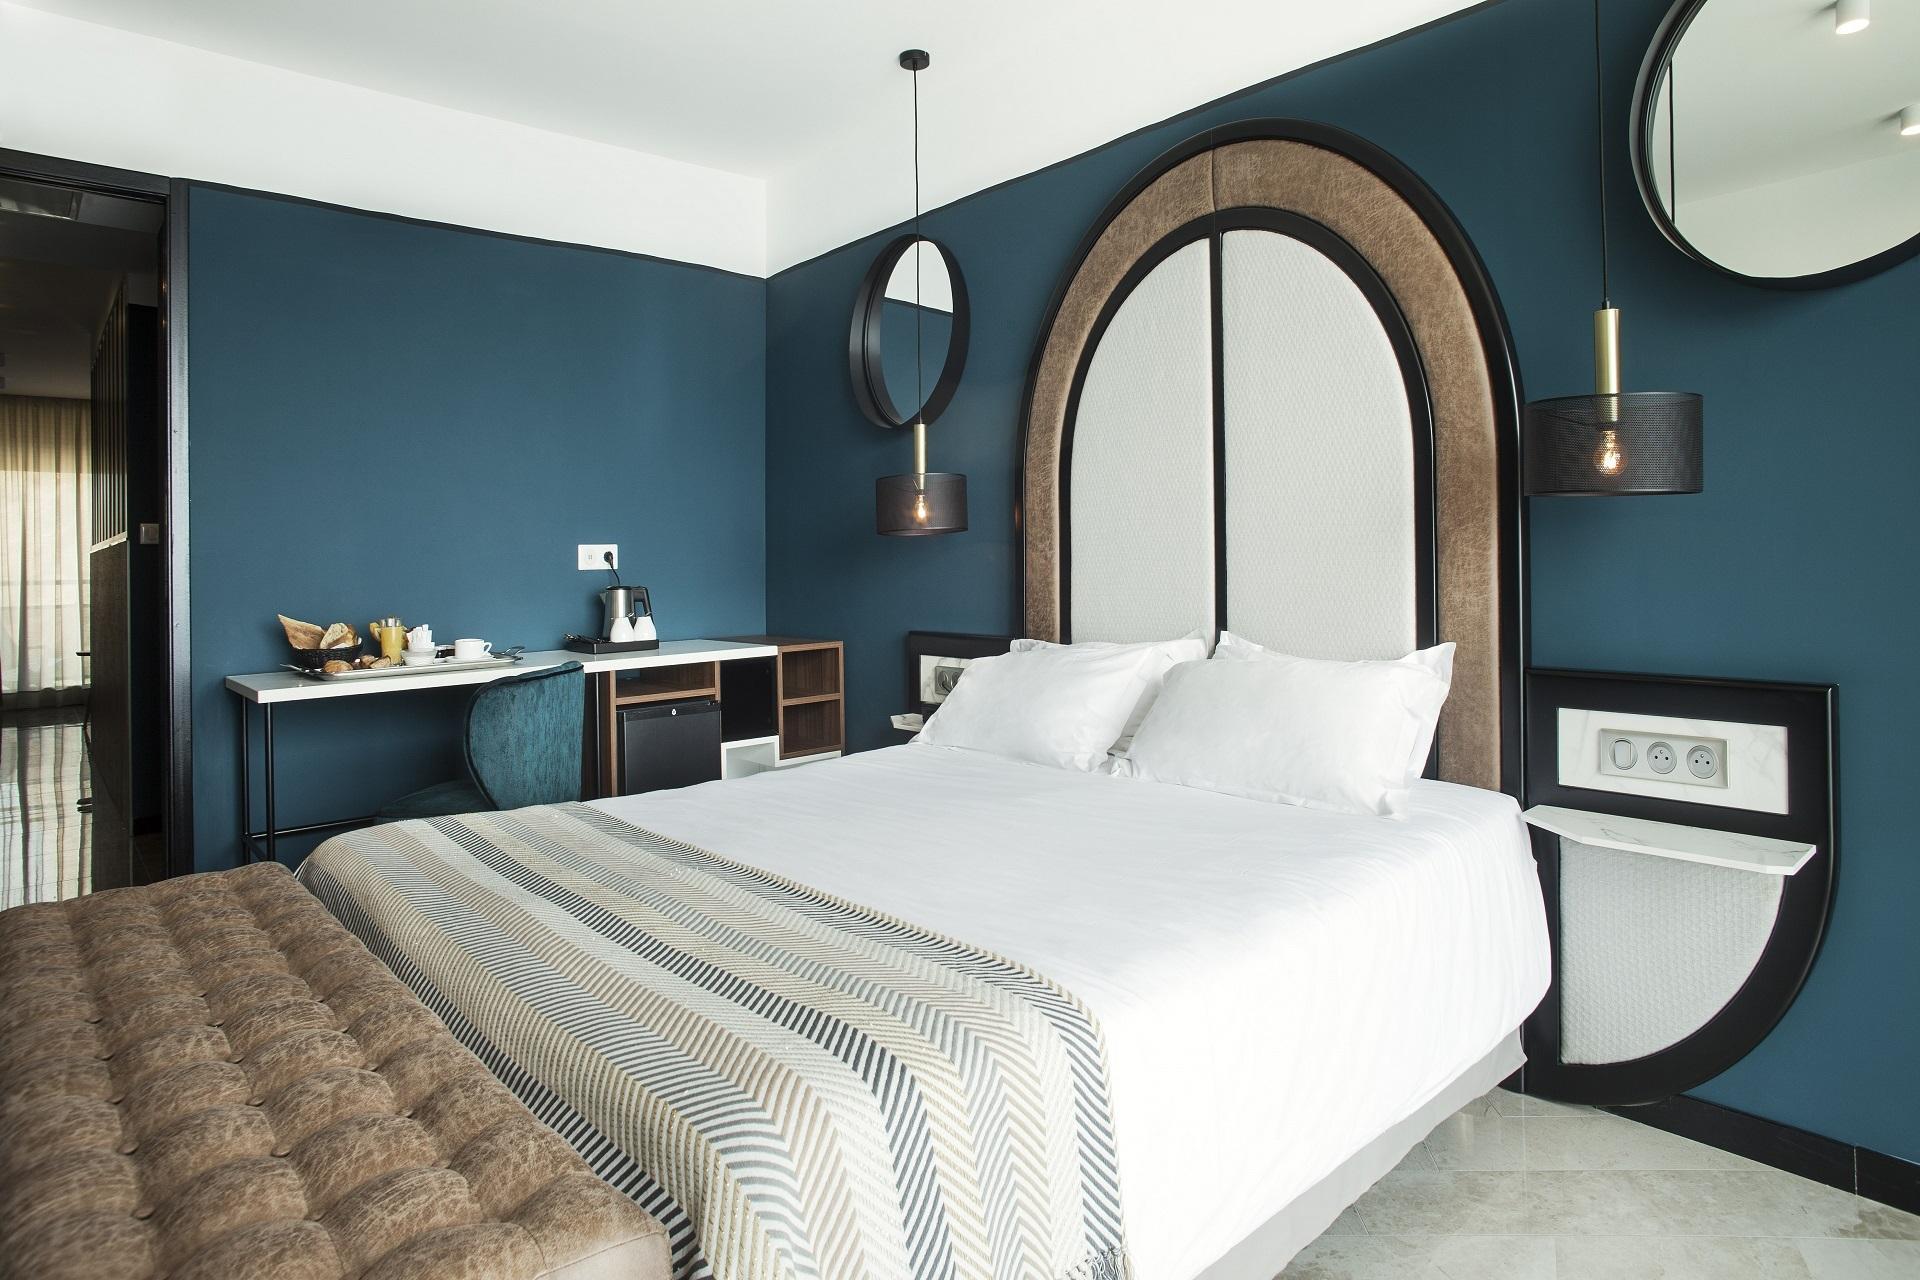 hotel-la-pietra corse-ile-rousse-chambre-seminaires-de-caractere